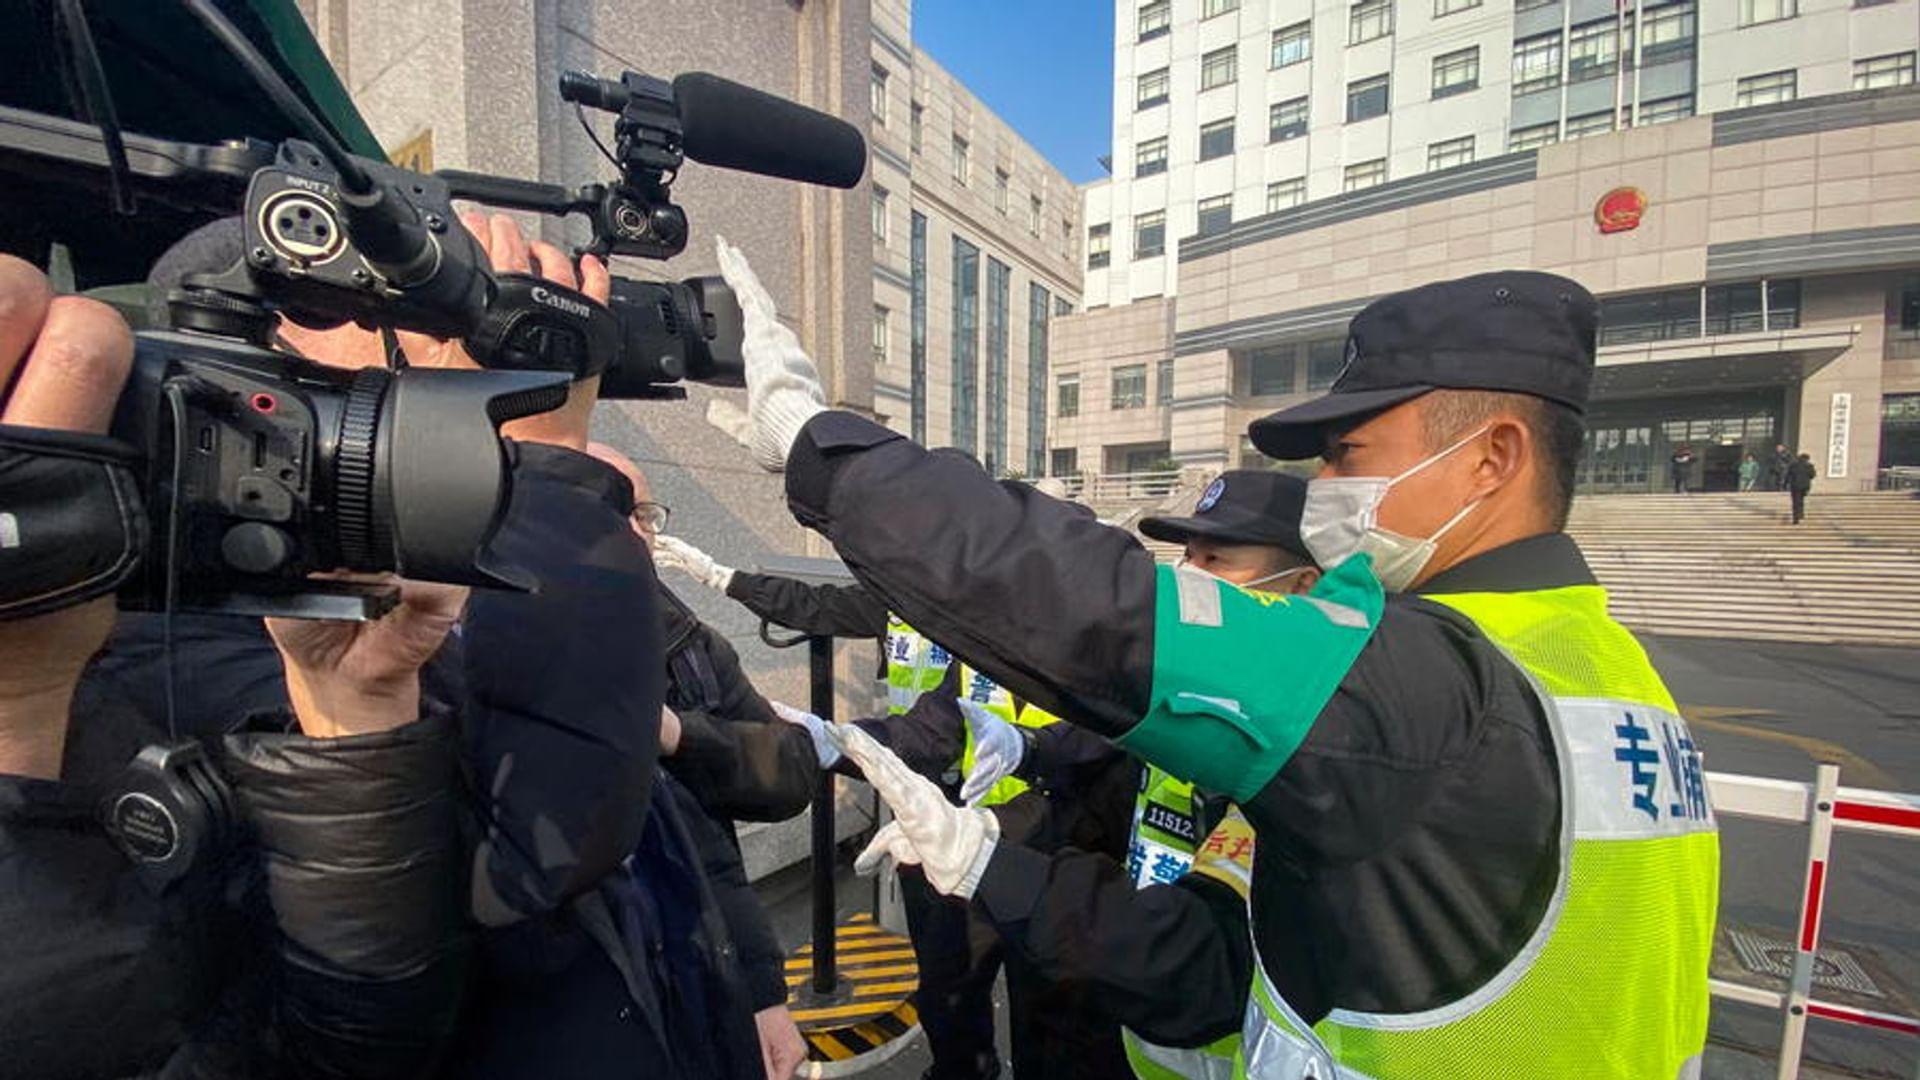 Pressefreiheit in Gefahr